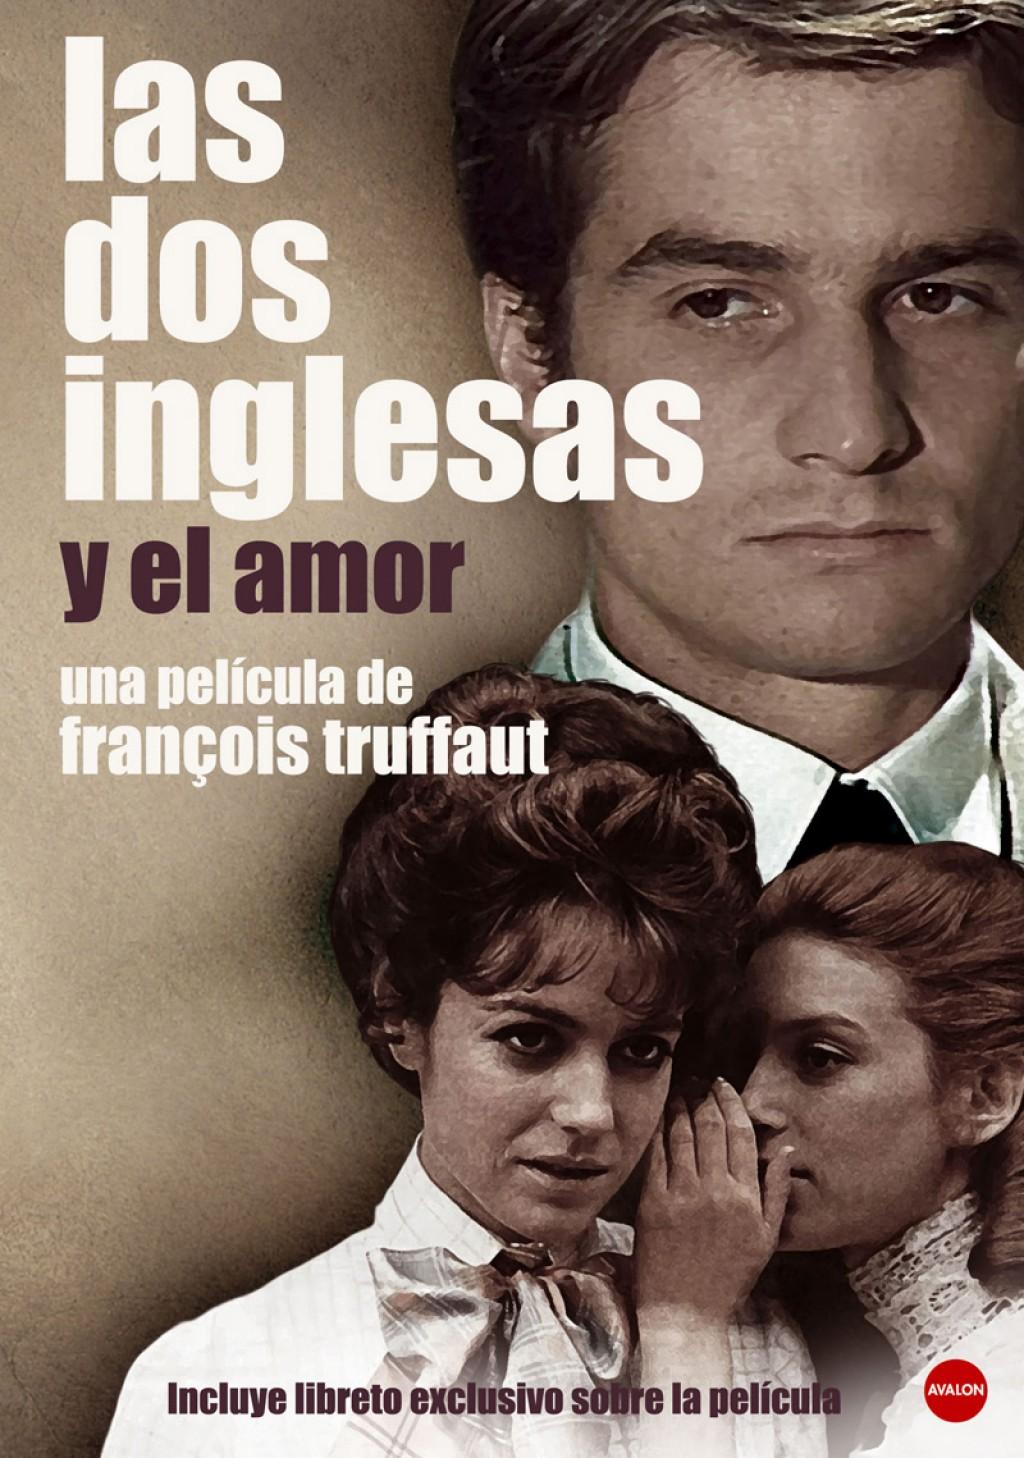 Las dos inglesas y el amor